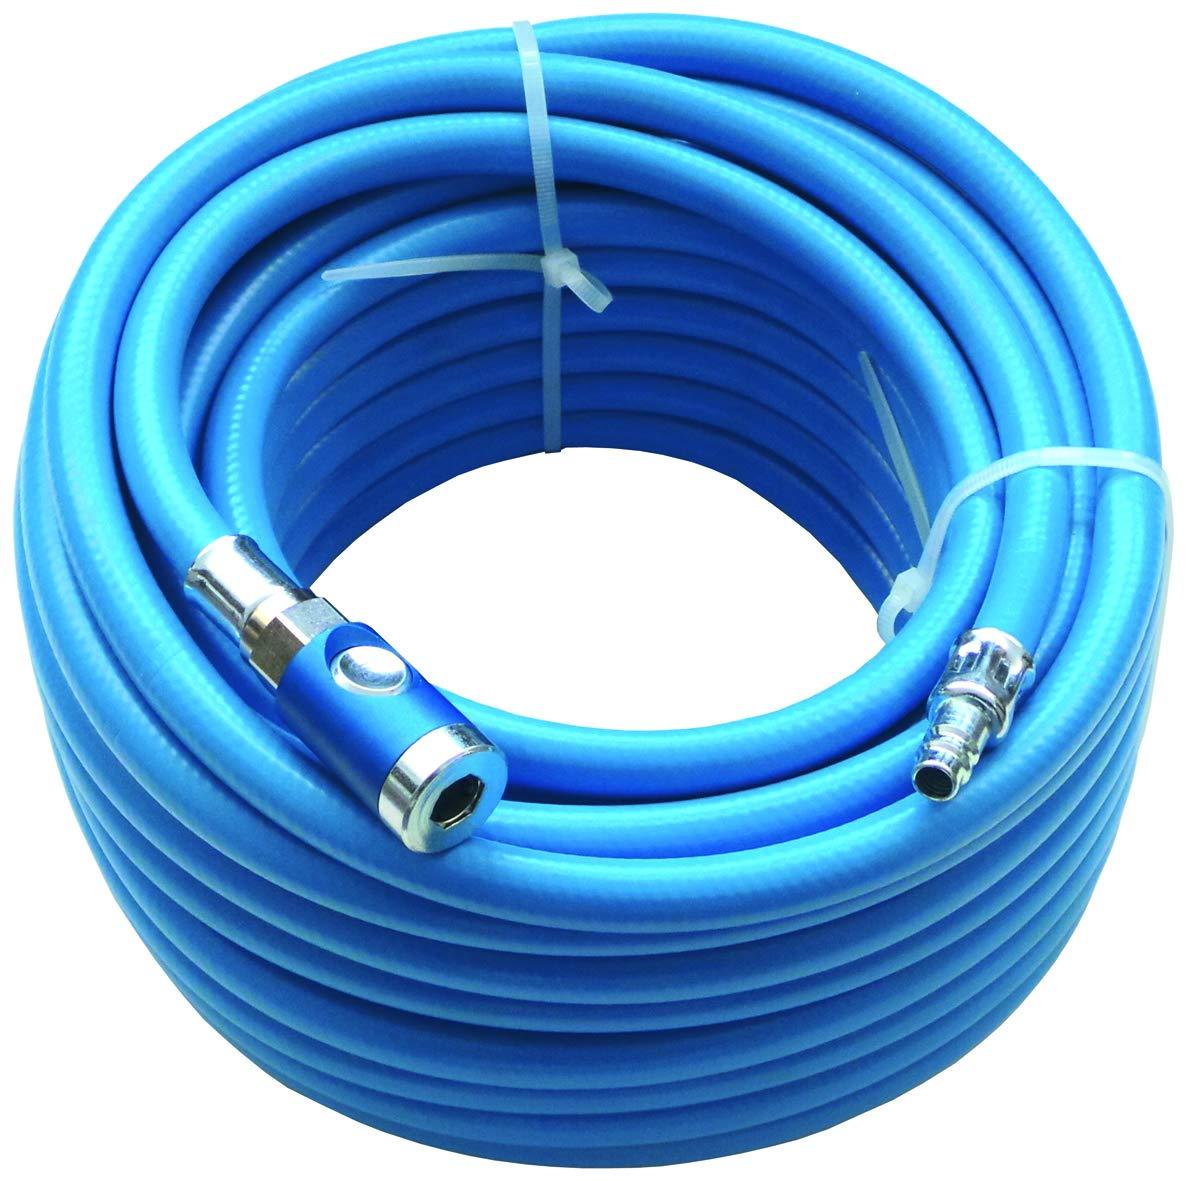 ewo PVC Druckluftschlauch SOFT komplett montiert mit DN 7,4 Druckknopf-Sicherheitskupplung und Stecker Stahl 10 m 9 x 2,75 mm